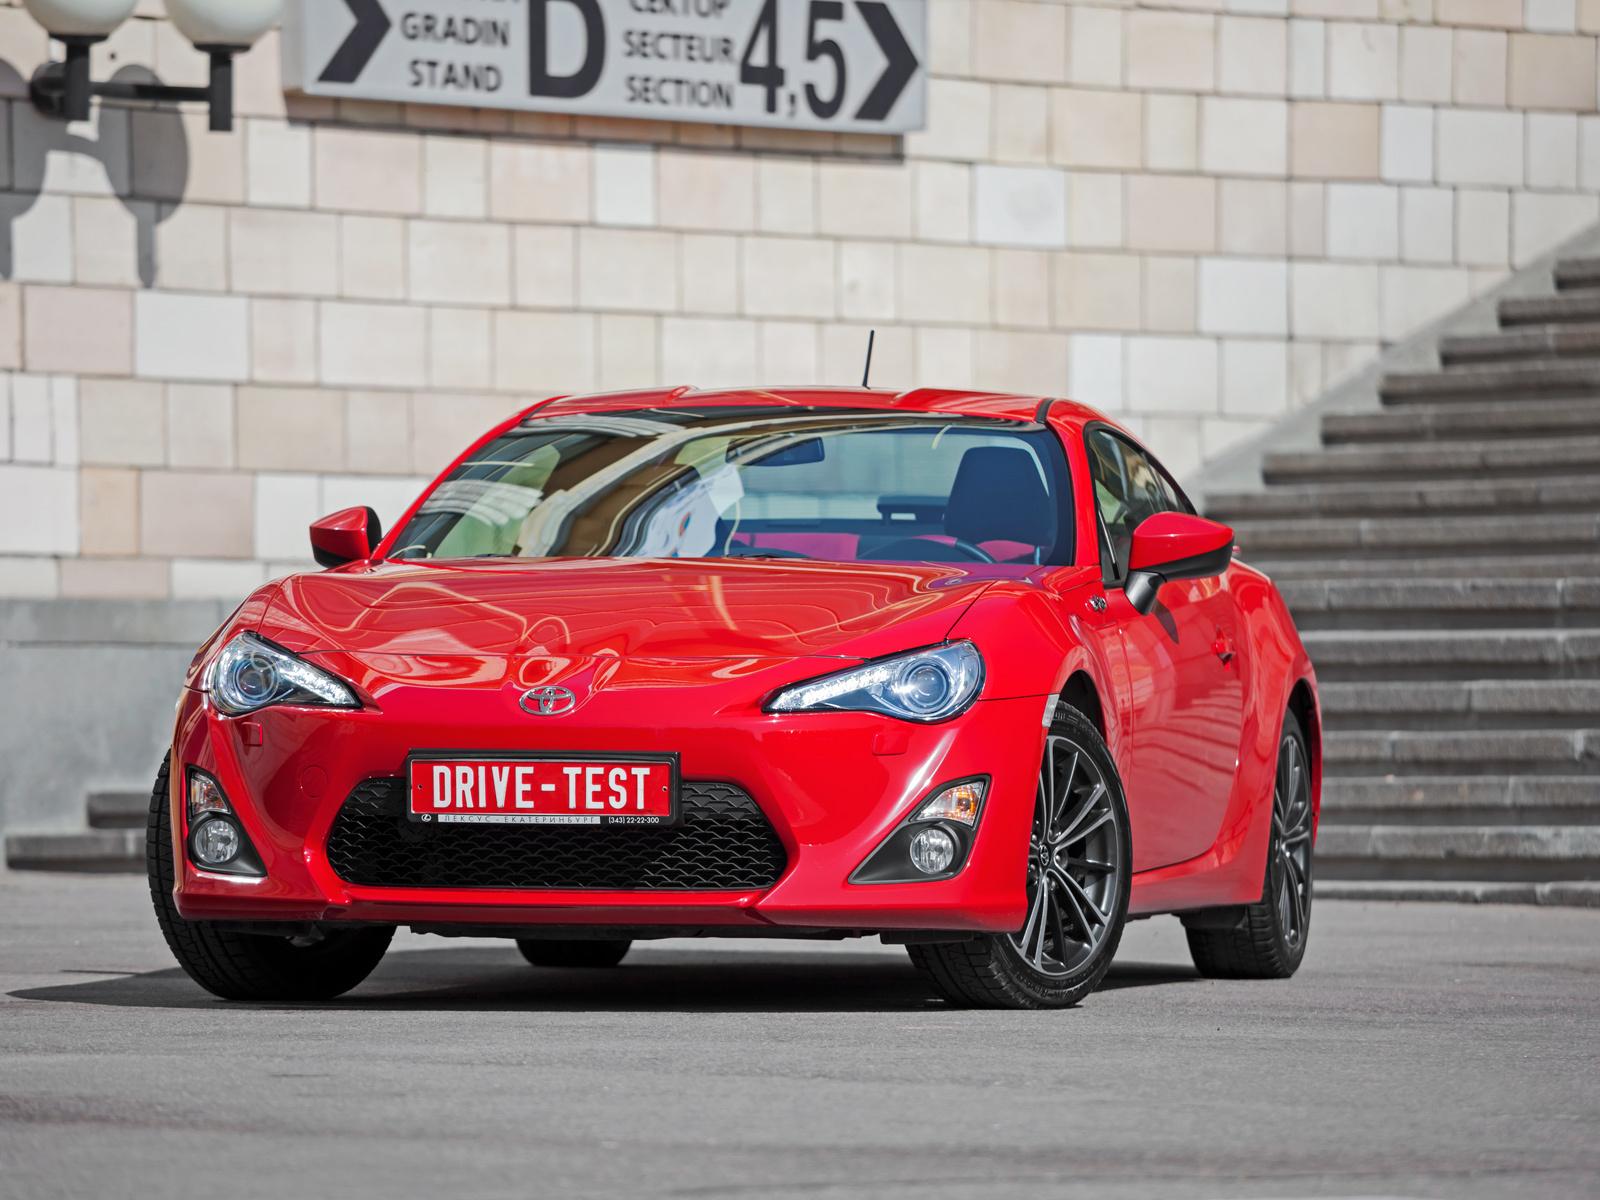 Считаем голы в споре двухдверок Toyota GT86 и Hyundai Genesis Coupe